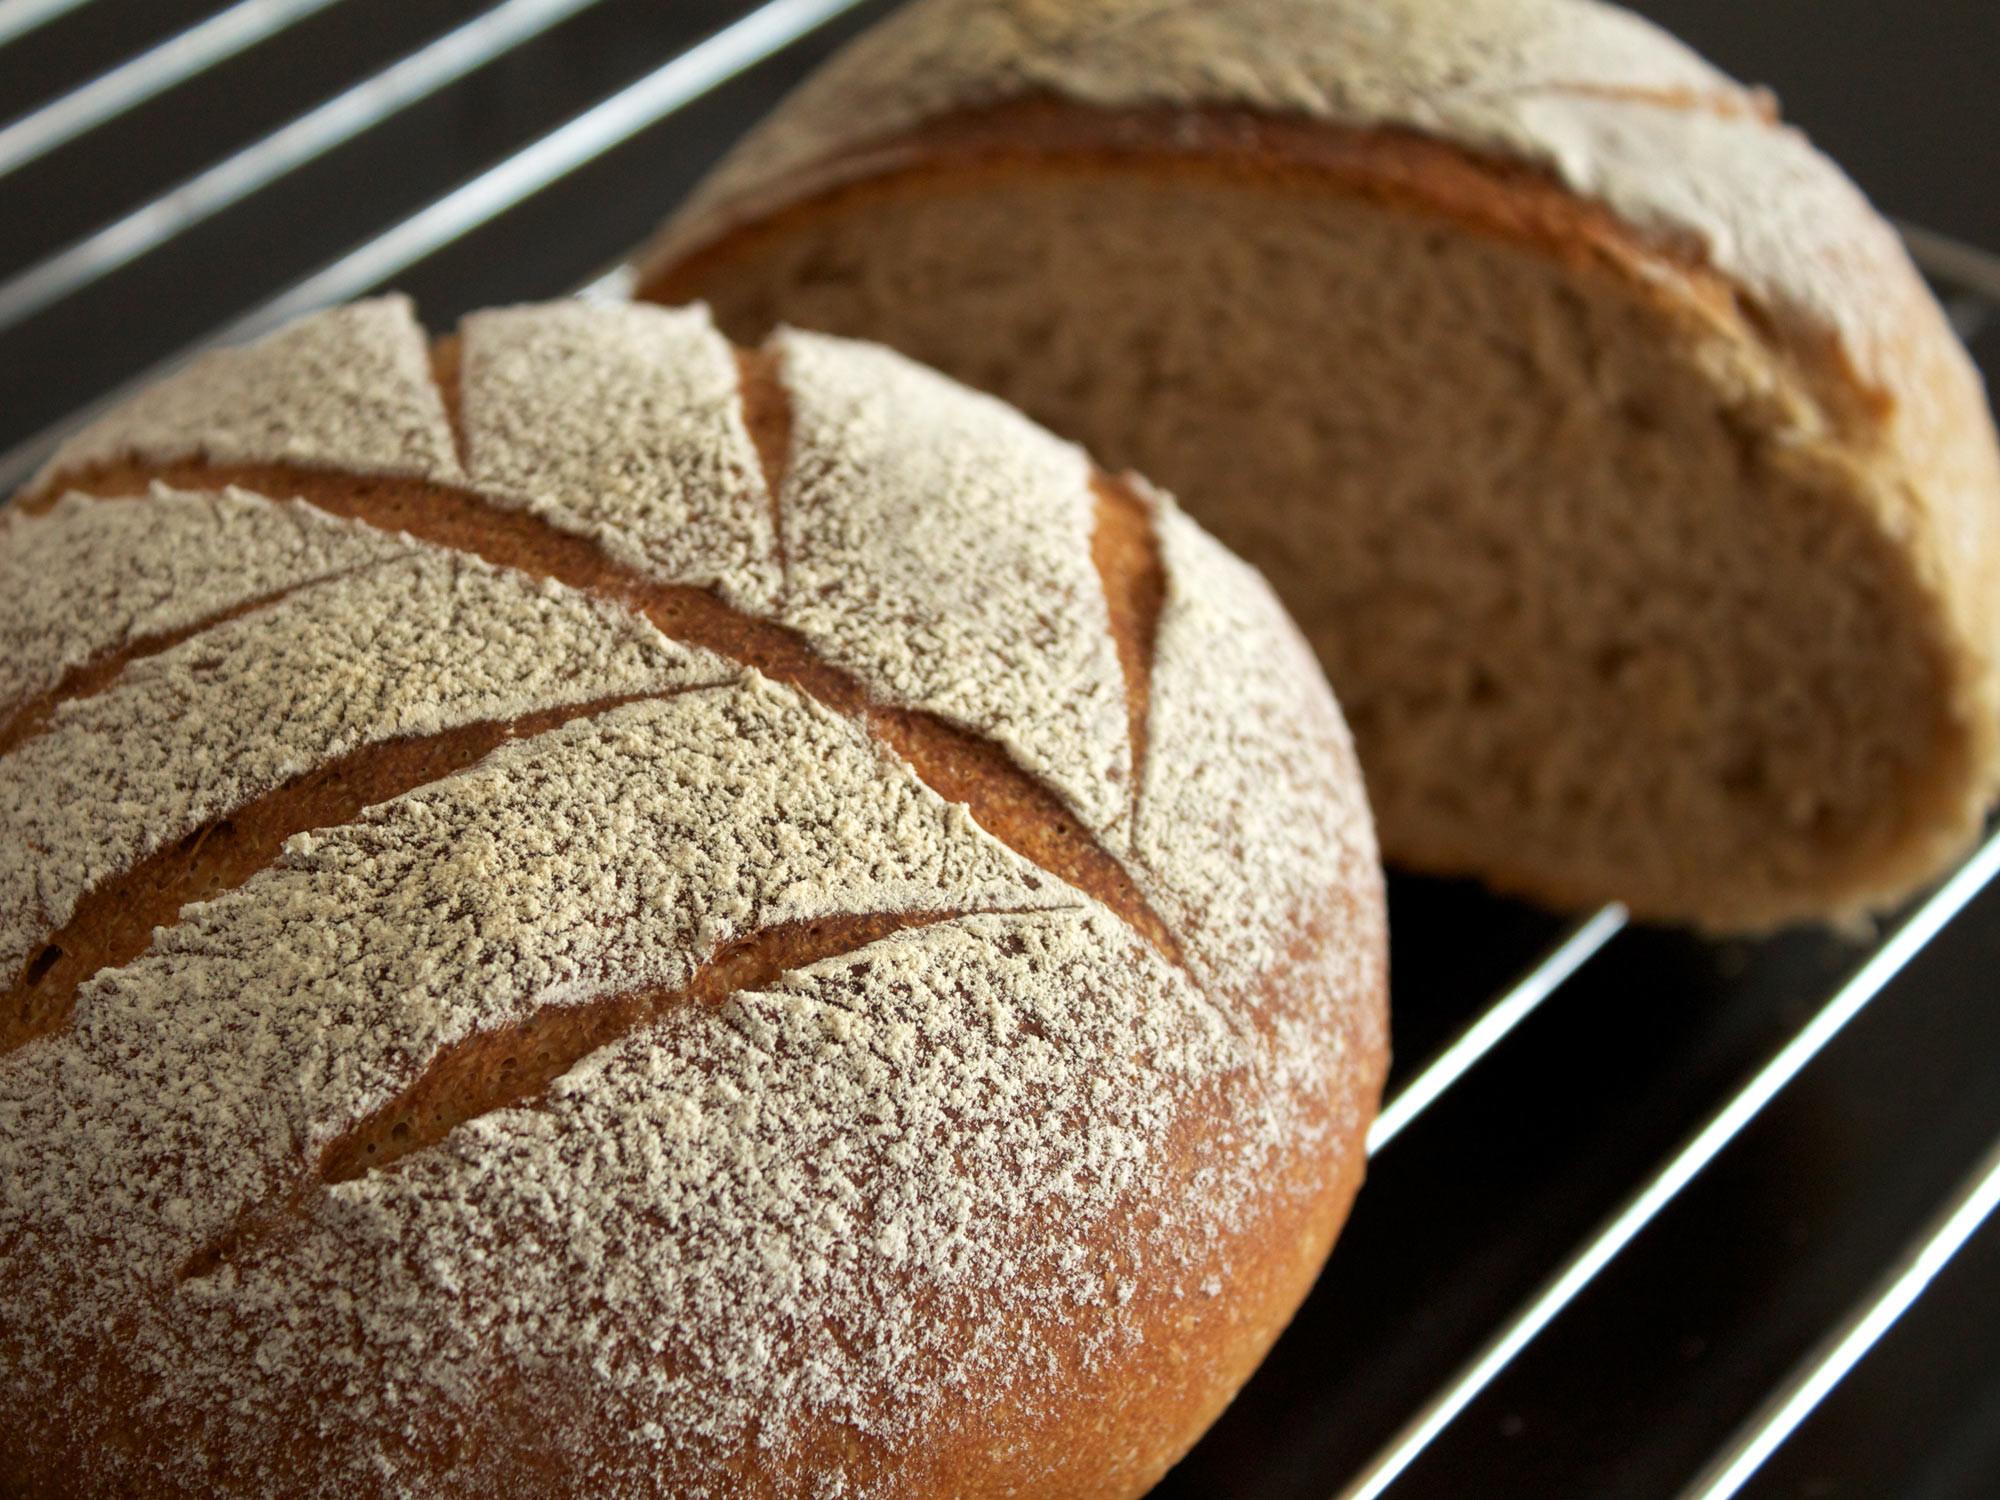 栄養価が高く、麦の旨みを味わえるライ麦パンのおすすめレシピ5選のサムネイル画像